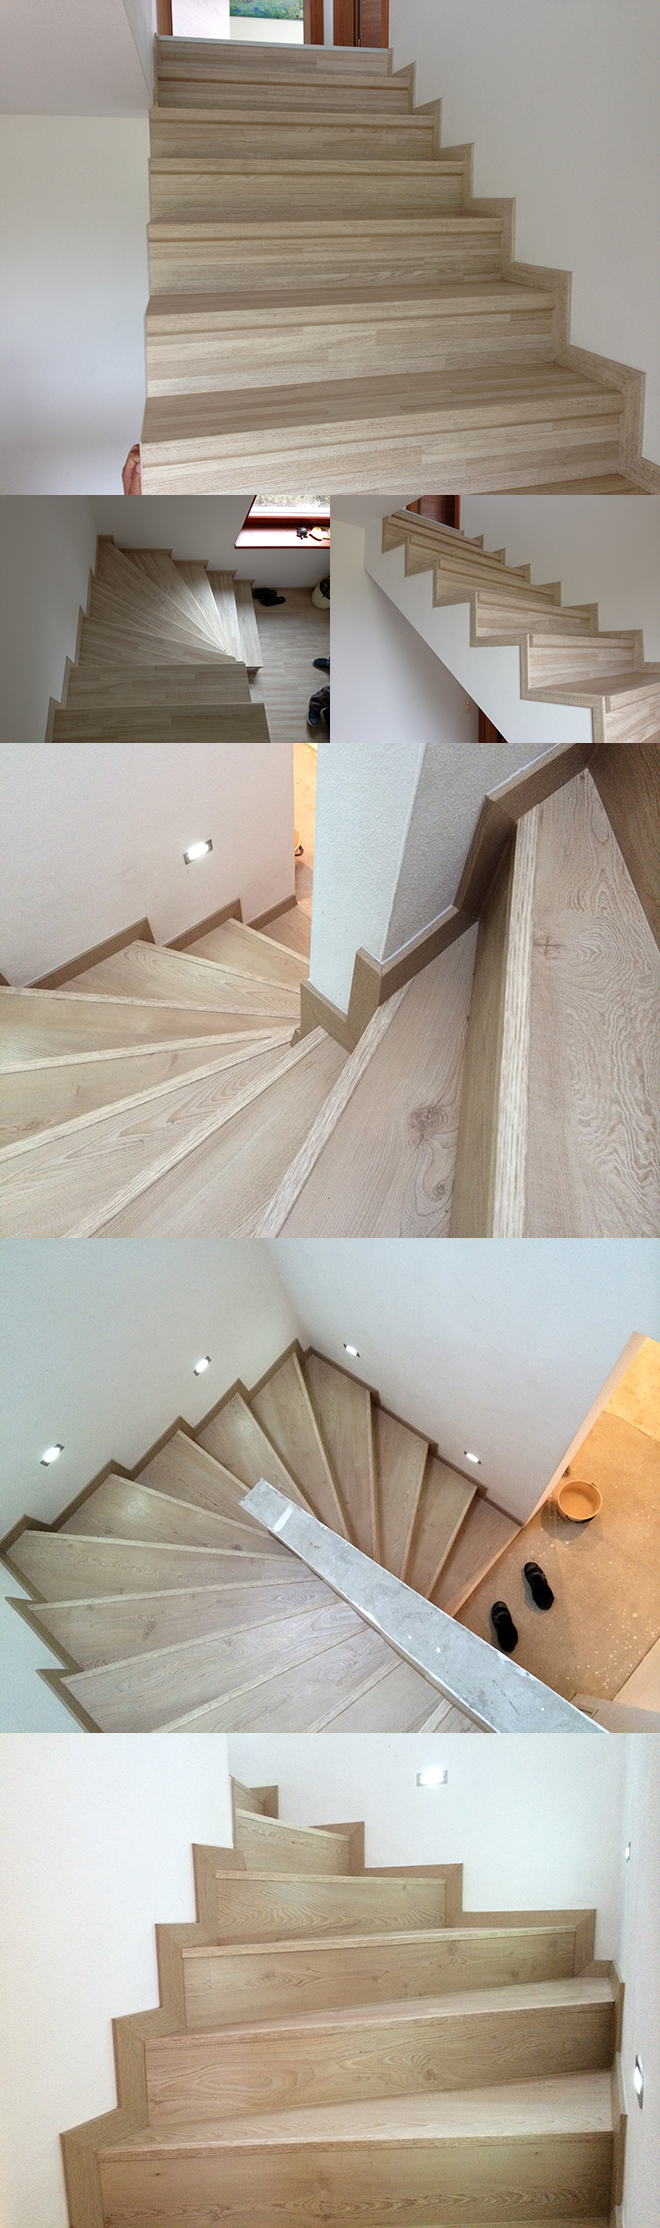 Obložení_schodiště_2_RD